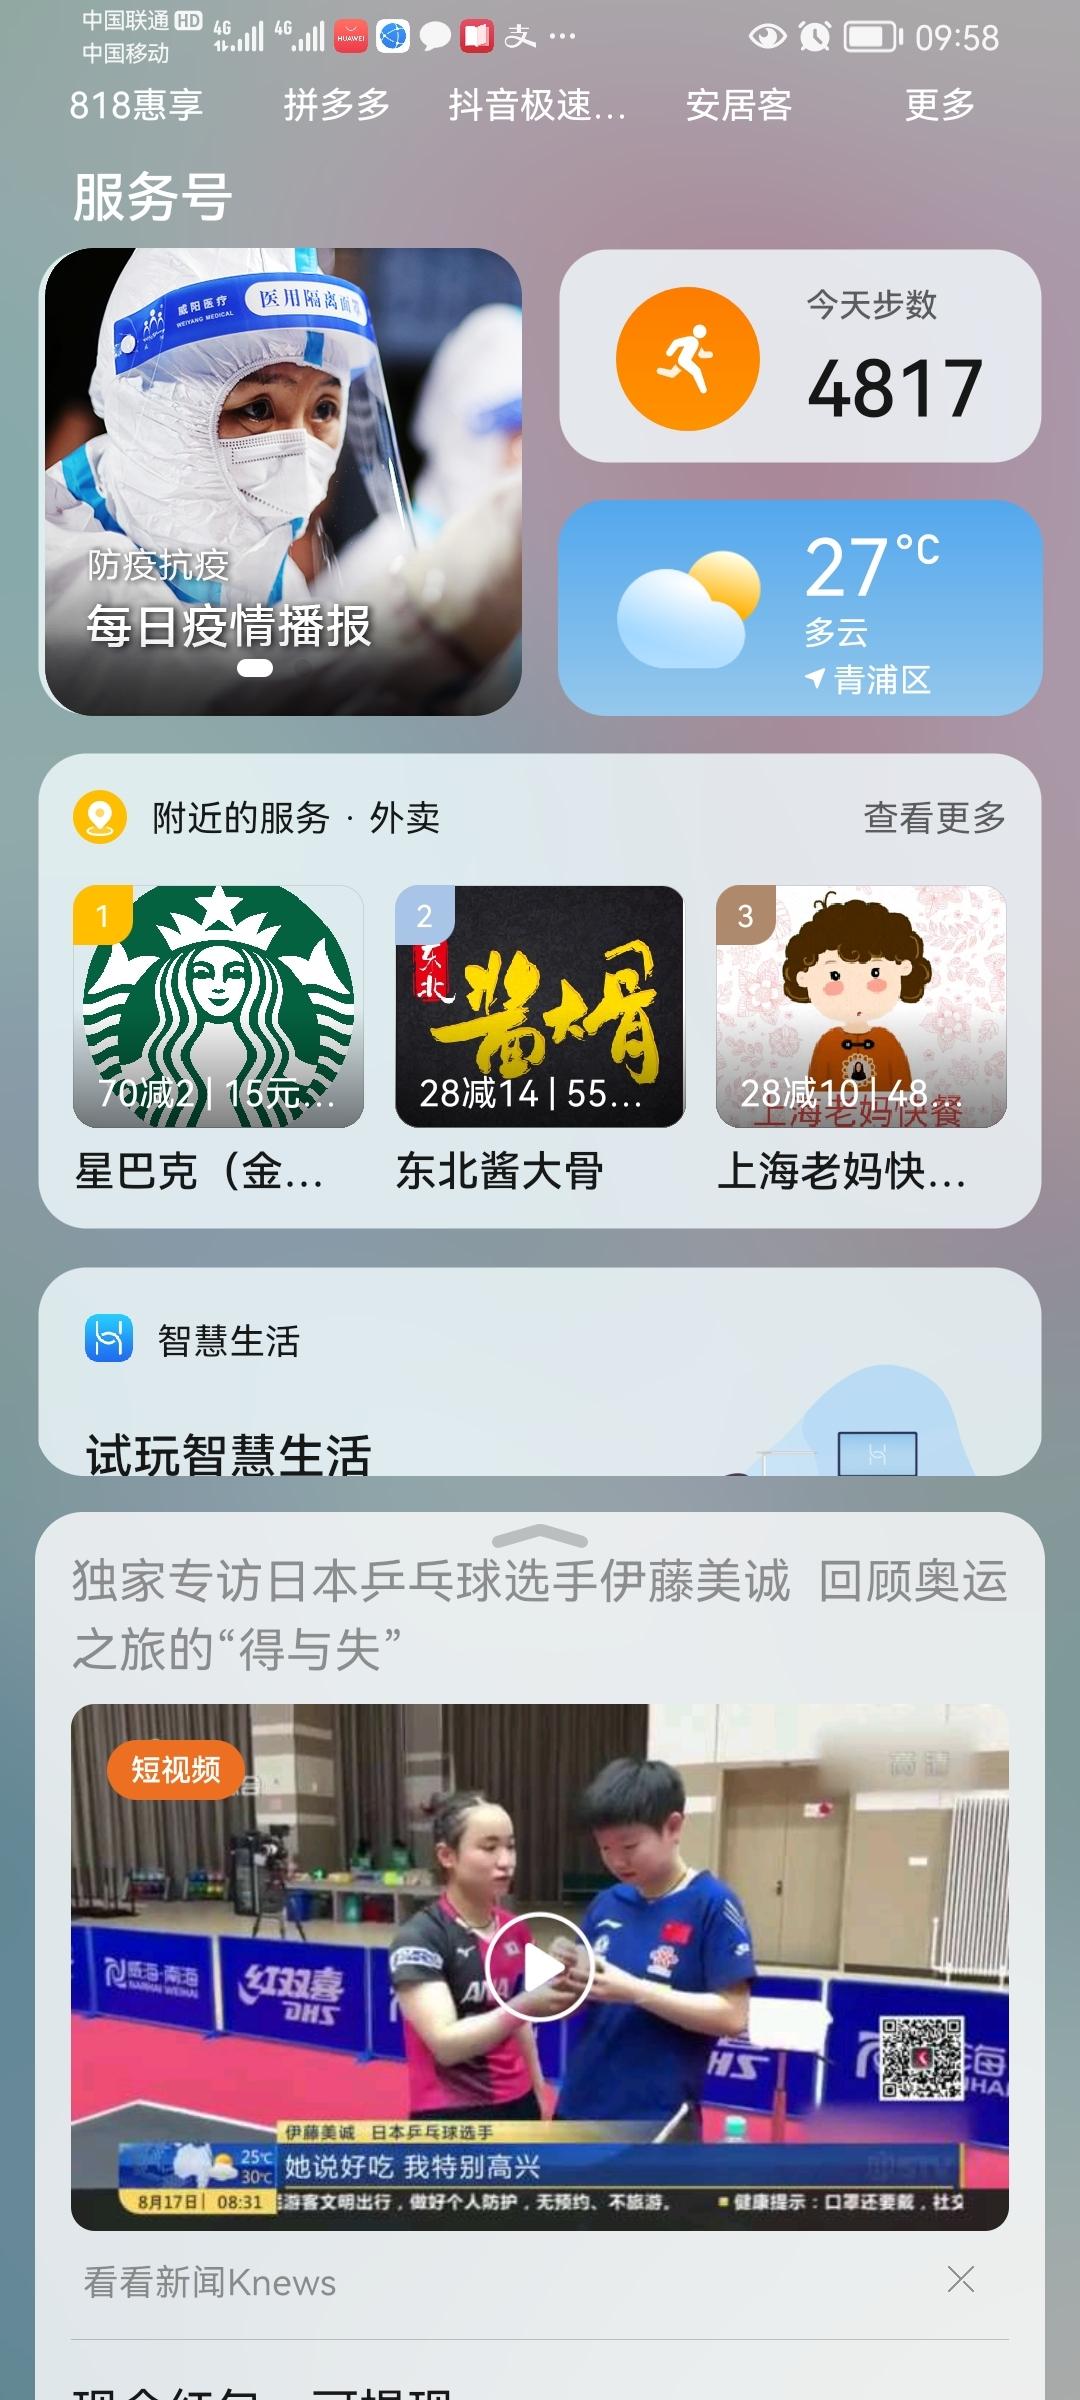 Screenshot_20210817_095835_com.huawei.android.launcher.jpg